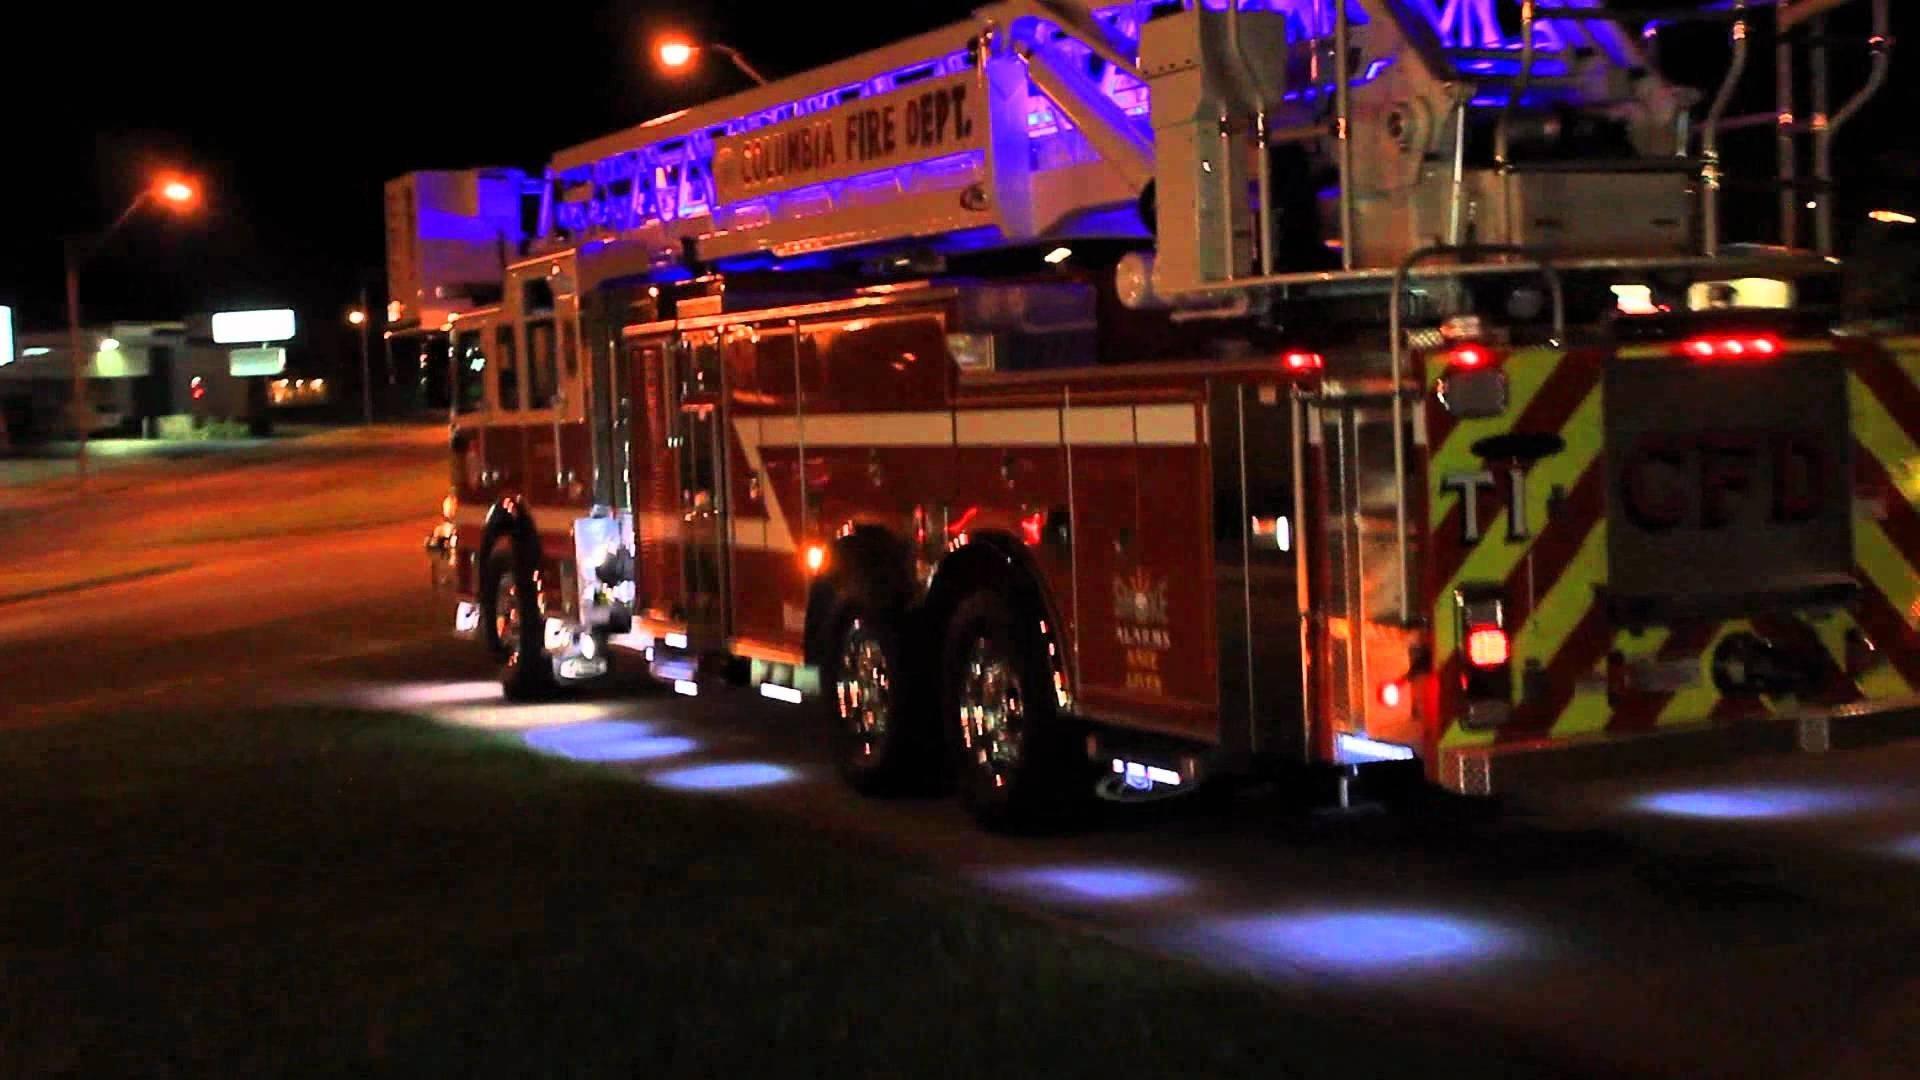 Fire Truck Wallpaper 67 Images